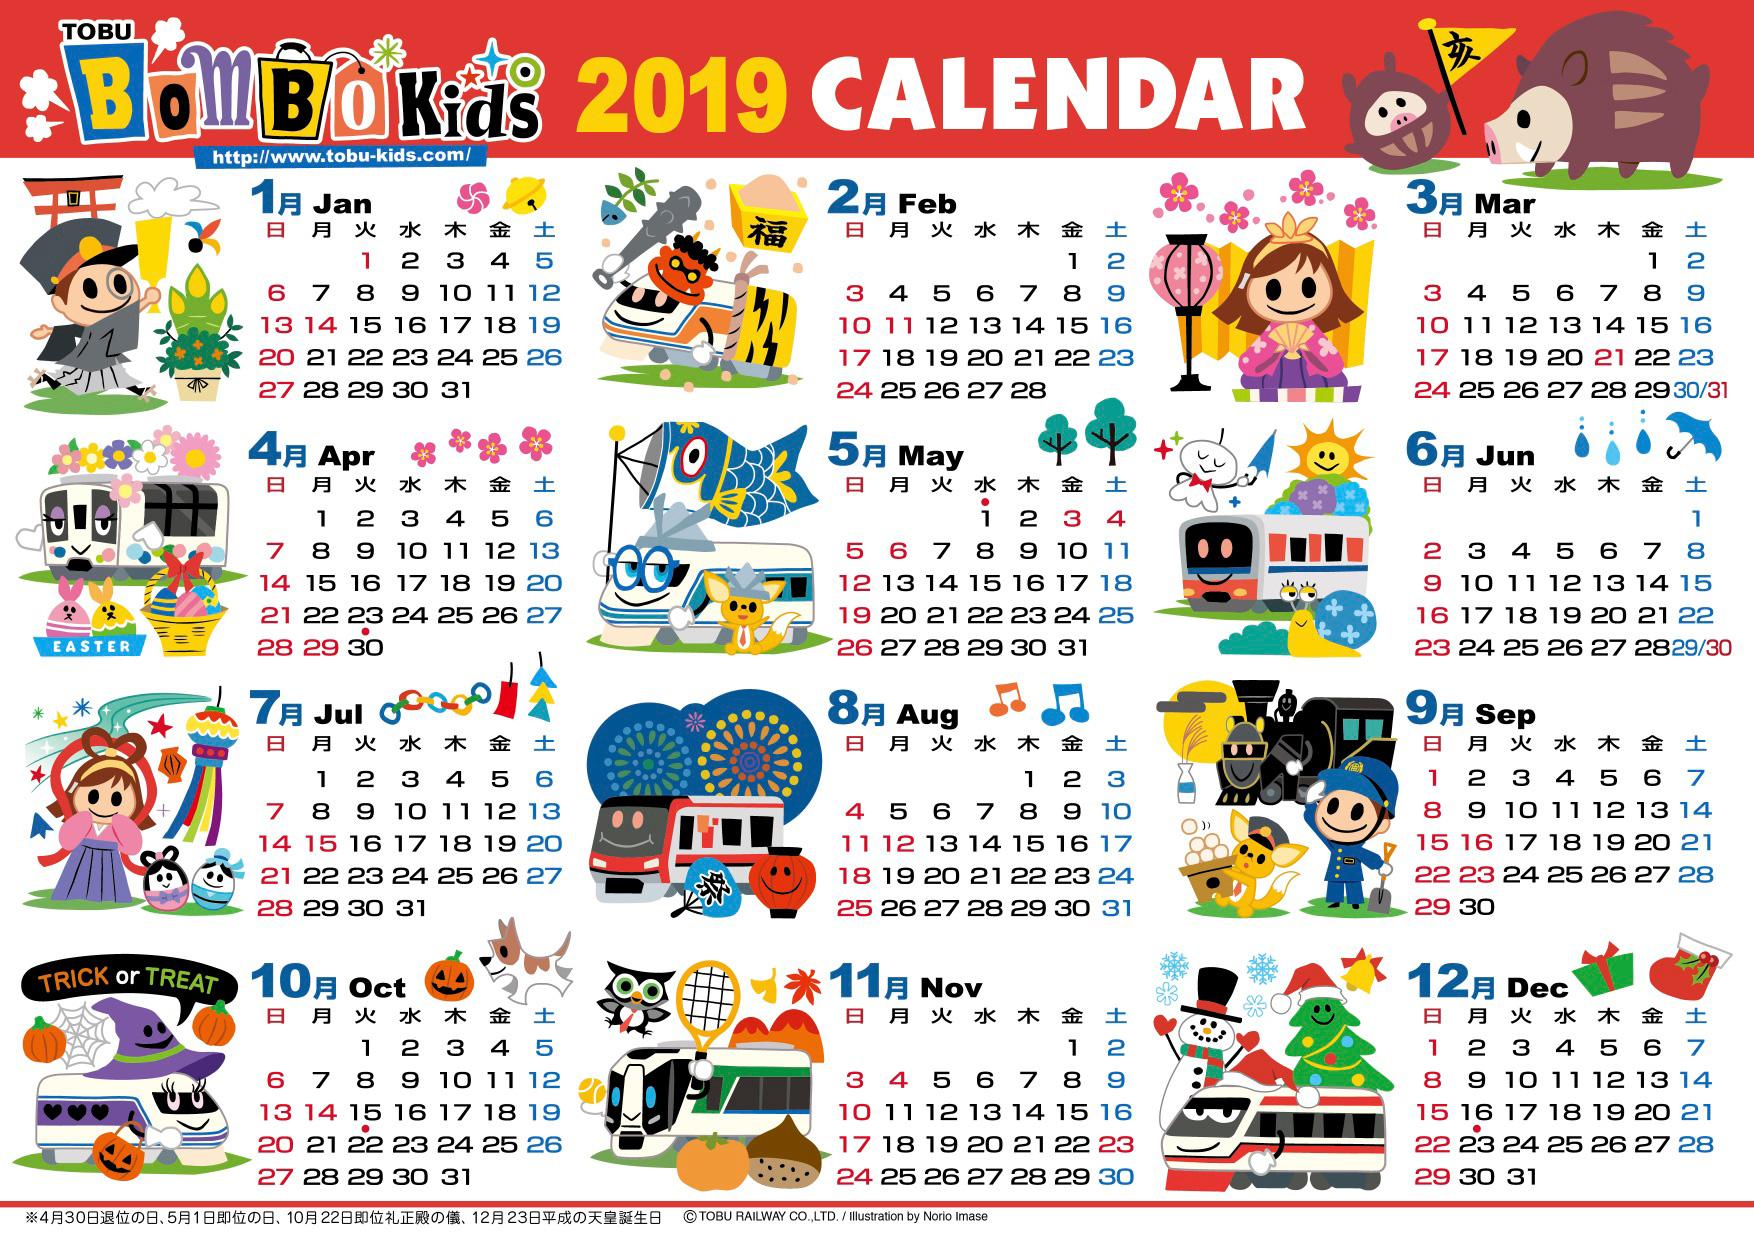 東武鉄道(株)BomBo Kids 2019 カレンダー